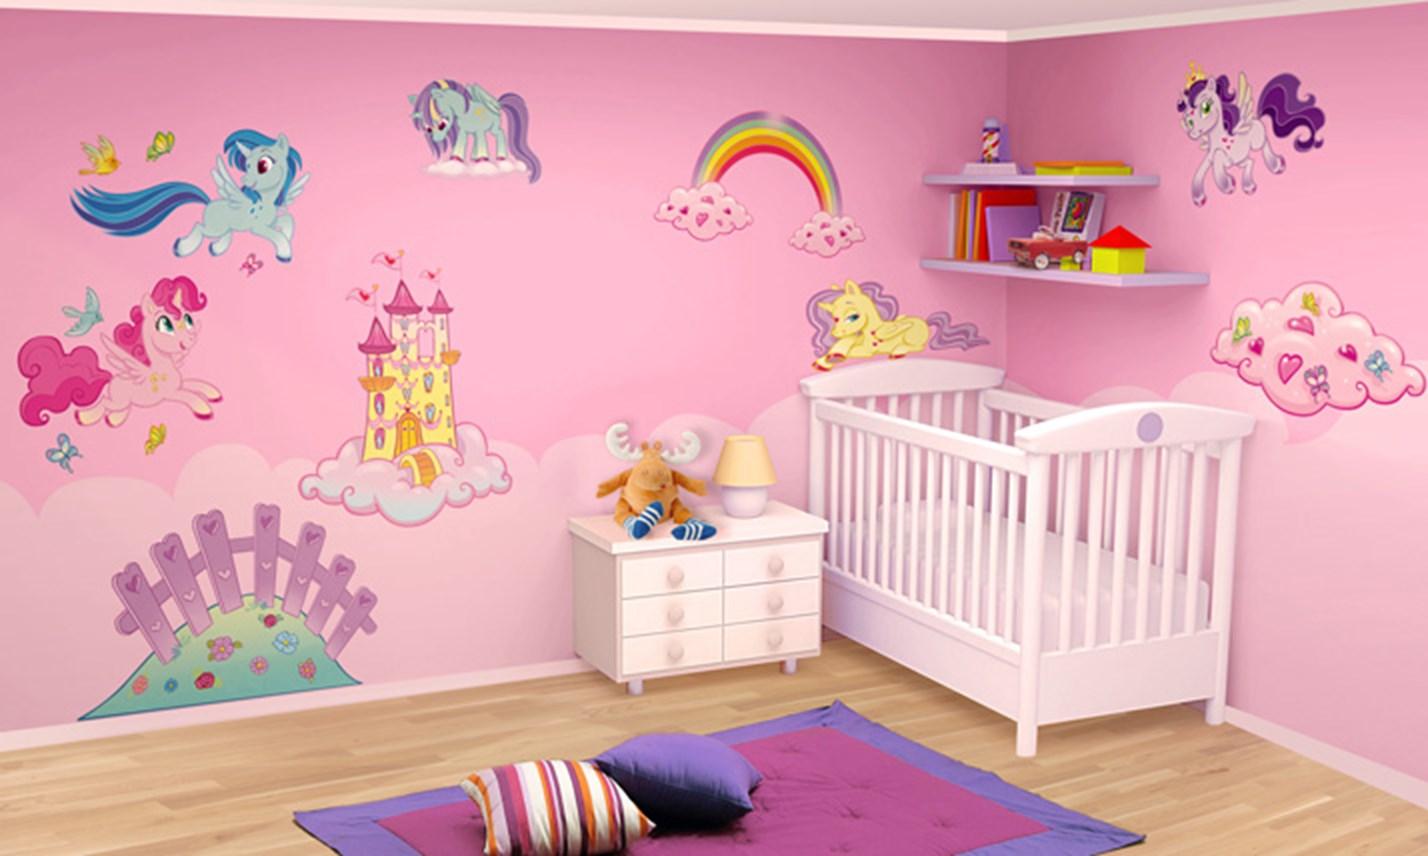 Decorazioni cameretta bambini camerette per bambini idee - Decorazioni stanza ...